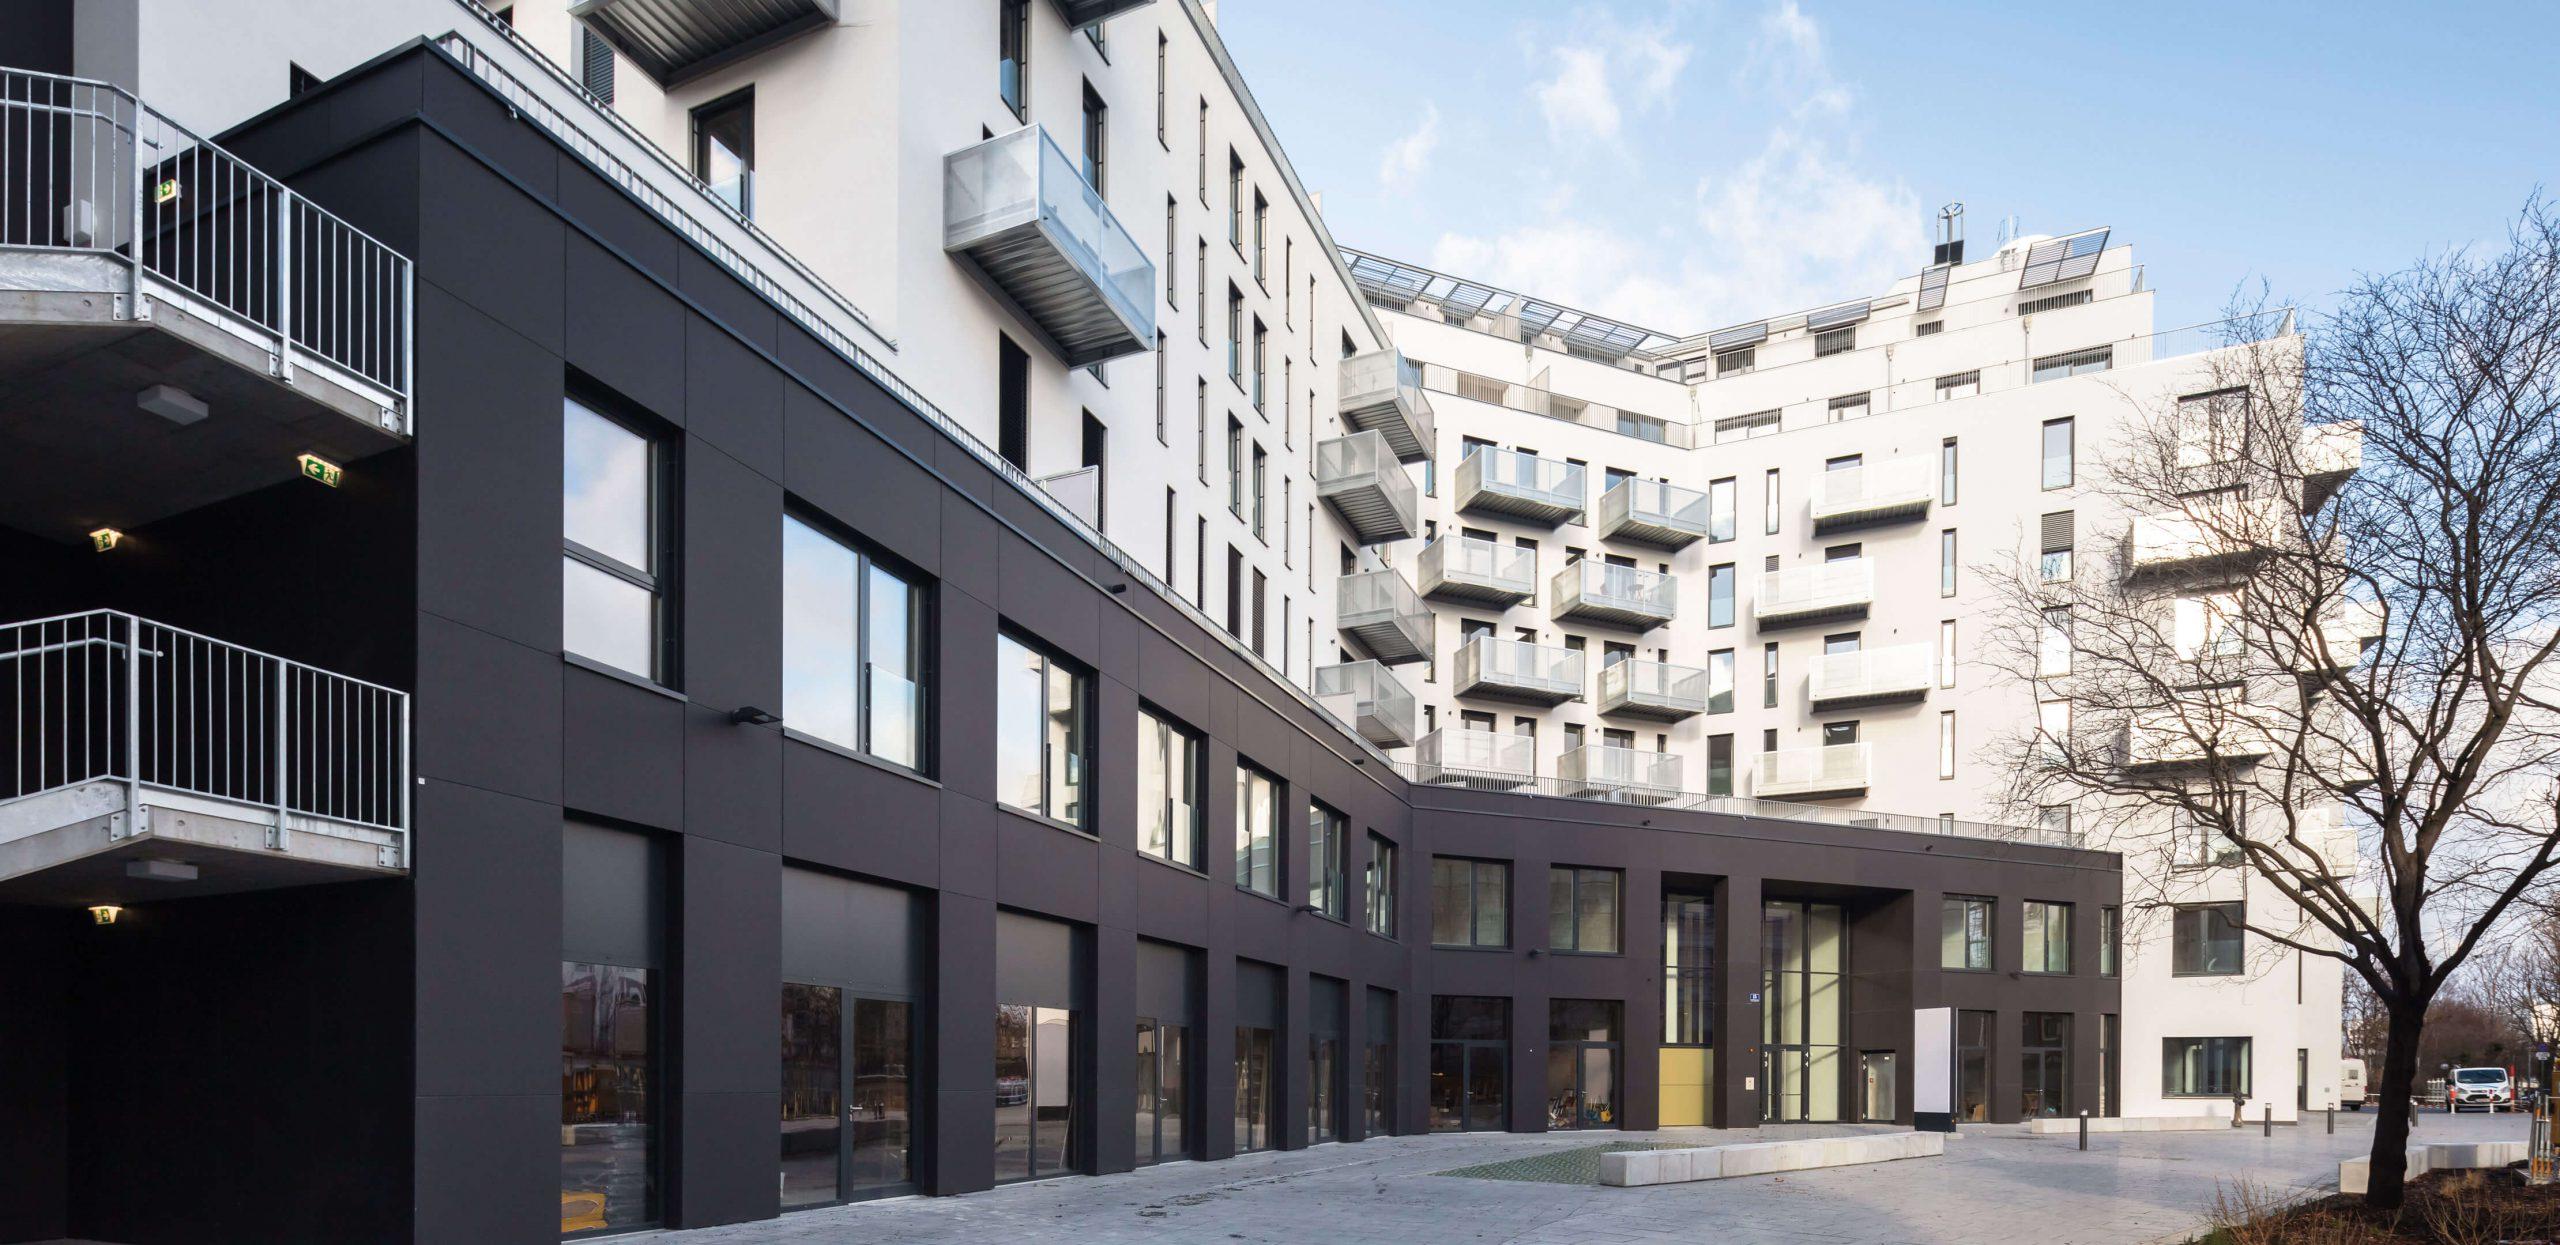 Vnější pohled na bytový komplex Althan Park, Vídeň, Rakousko